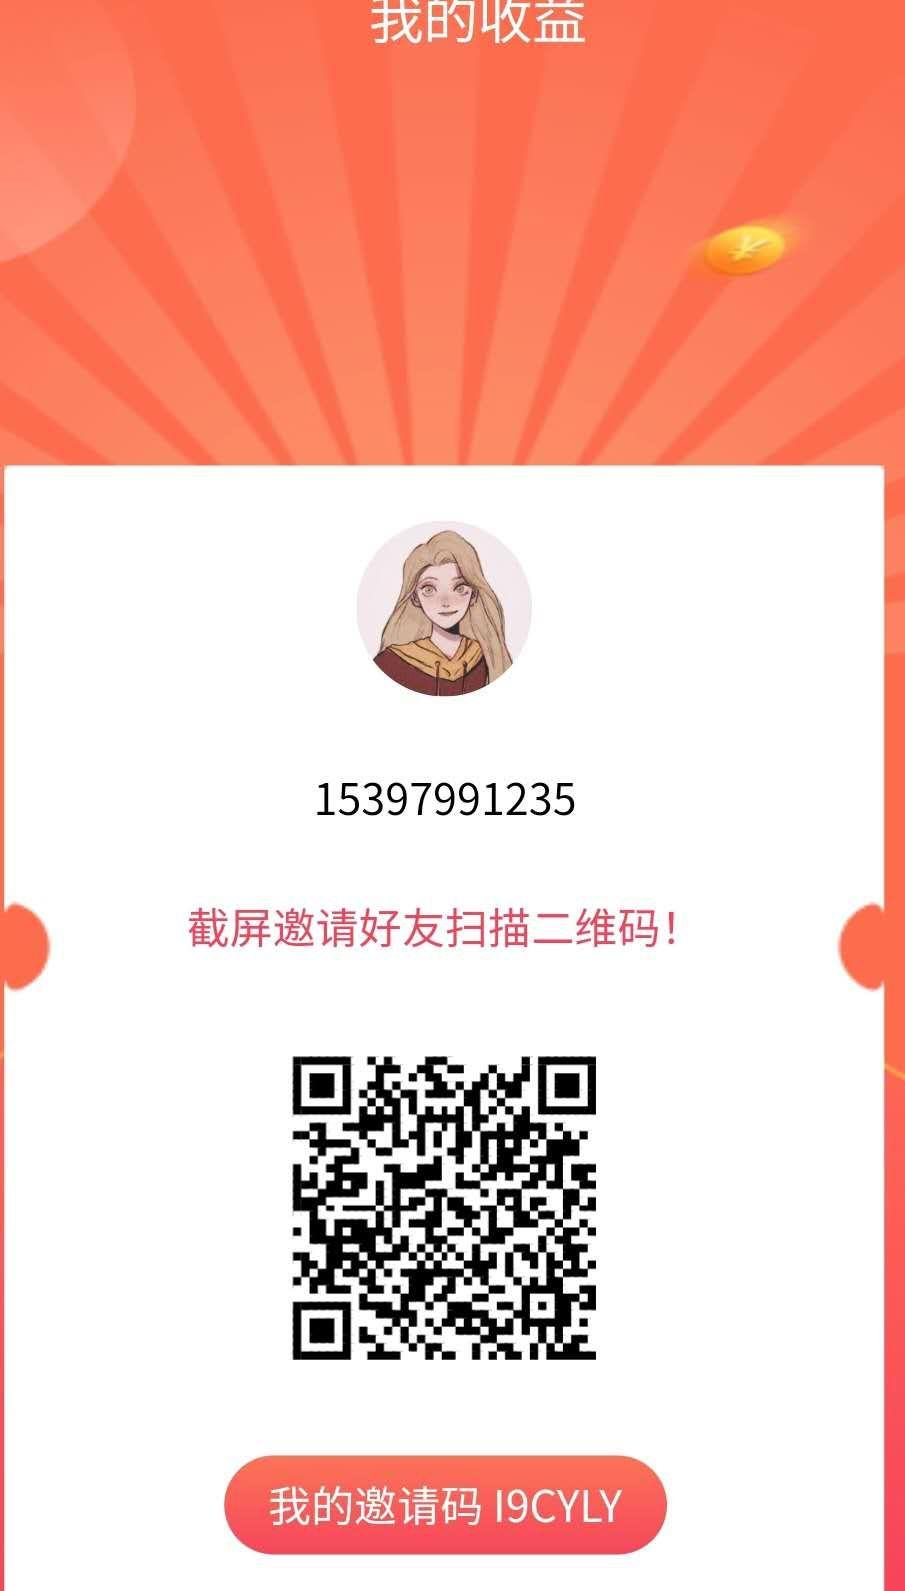 图片[4]-浙乡有礼拼团首码,全新模式撸红包拼团无压力-首码社